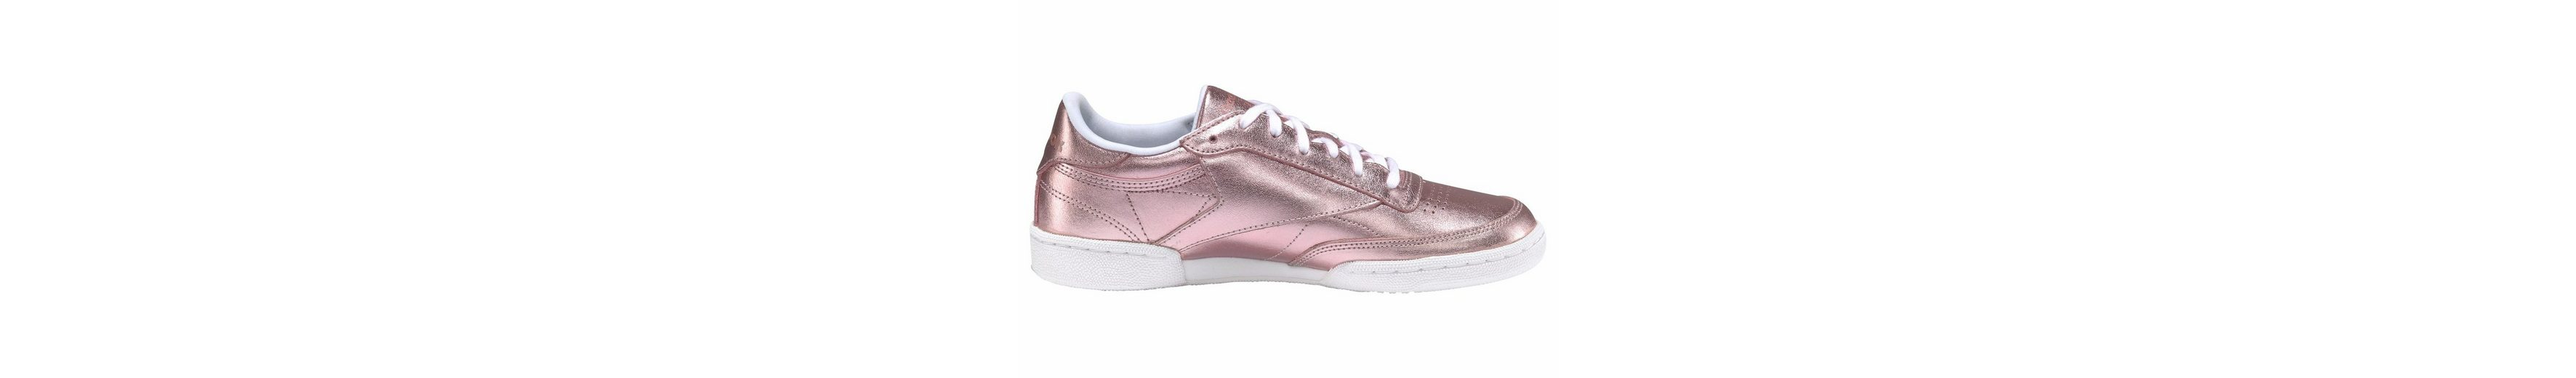 Neu Günstig Kaufen 100% Original Reebok Classic Club C 85 Shine Sneaker 2018 Unisex Besuchen Günstigen Preis Spielraum Empfehlen QcKSd1ZWD